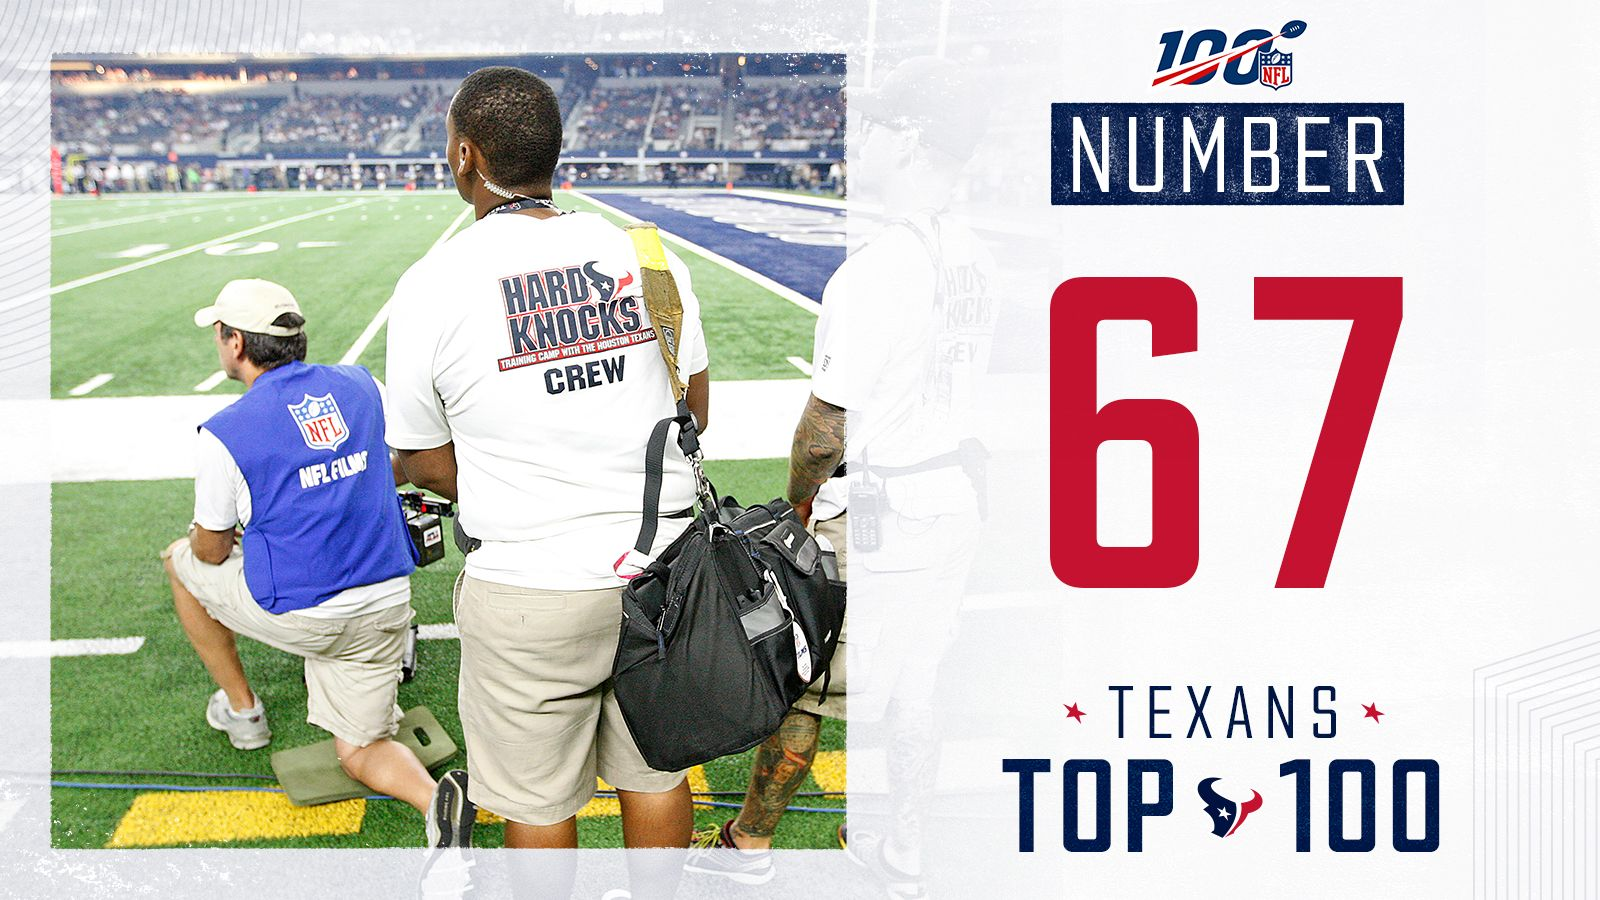 67_Texans on Hard Knocks - TWITTER